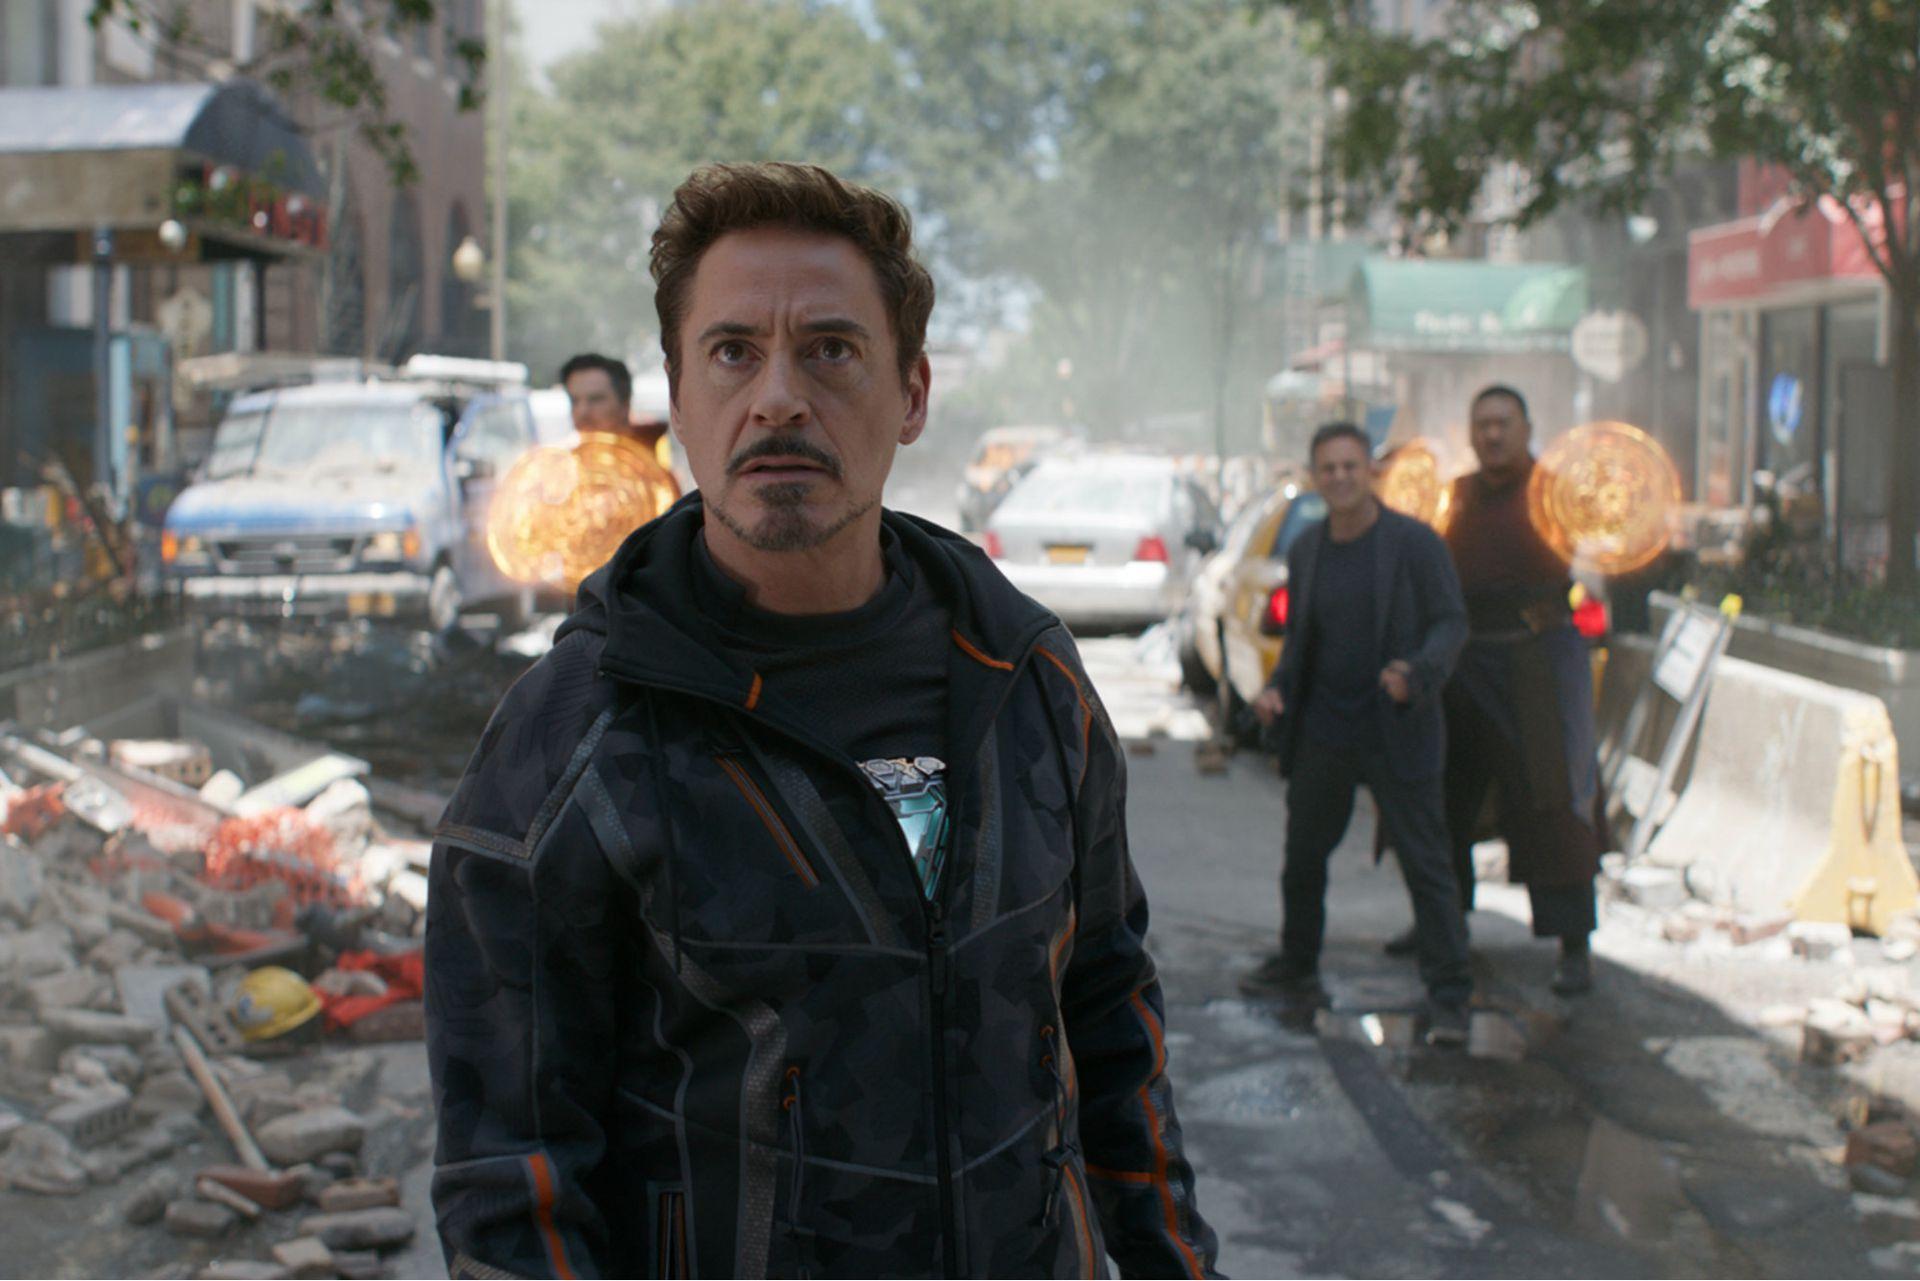 Tony Stark, gran candidato a inmolarse heroicamente en alguno de los dos últimos films de los Vengadores